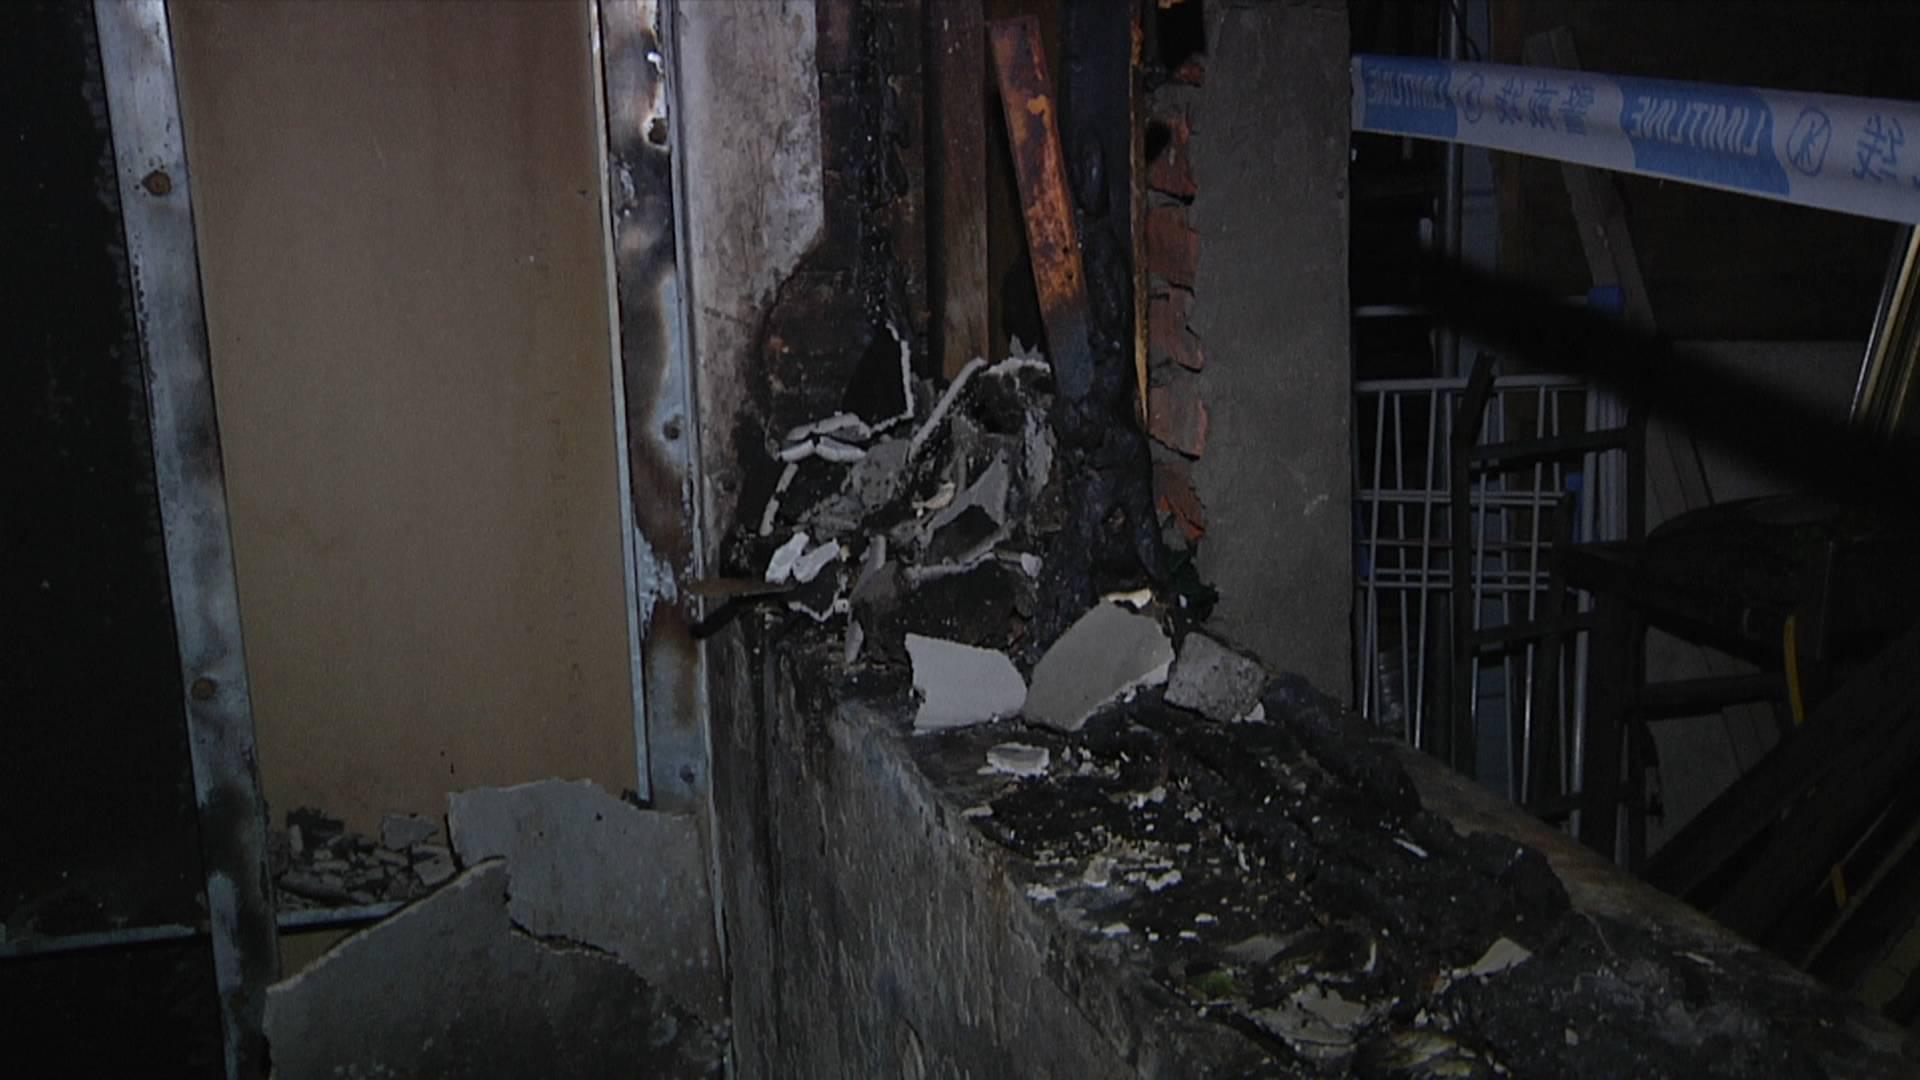 换煤气罐酿大祸送气员调试过程中火烧连营后续赔偿遇了难